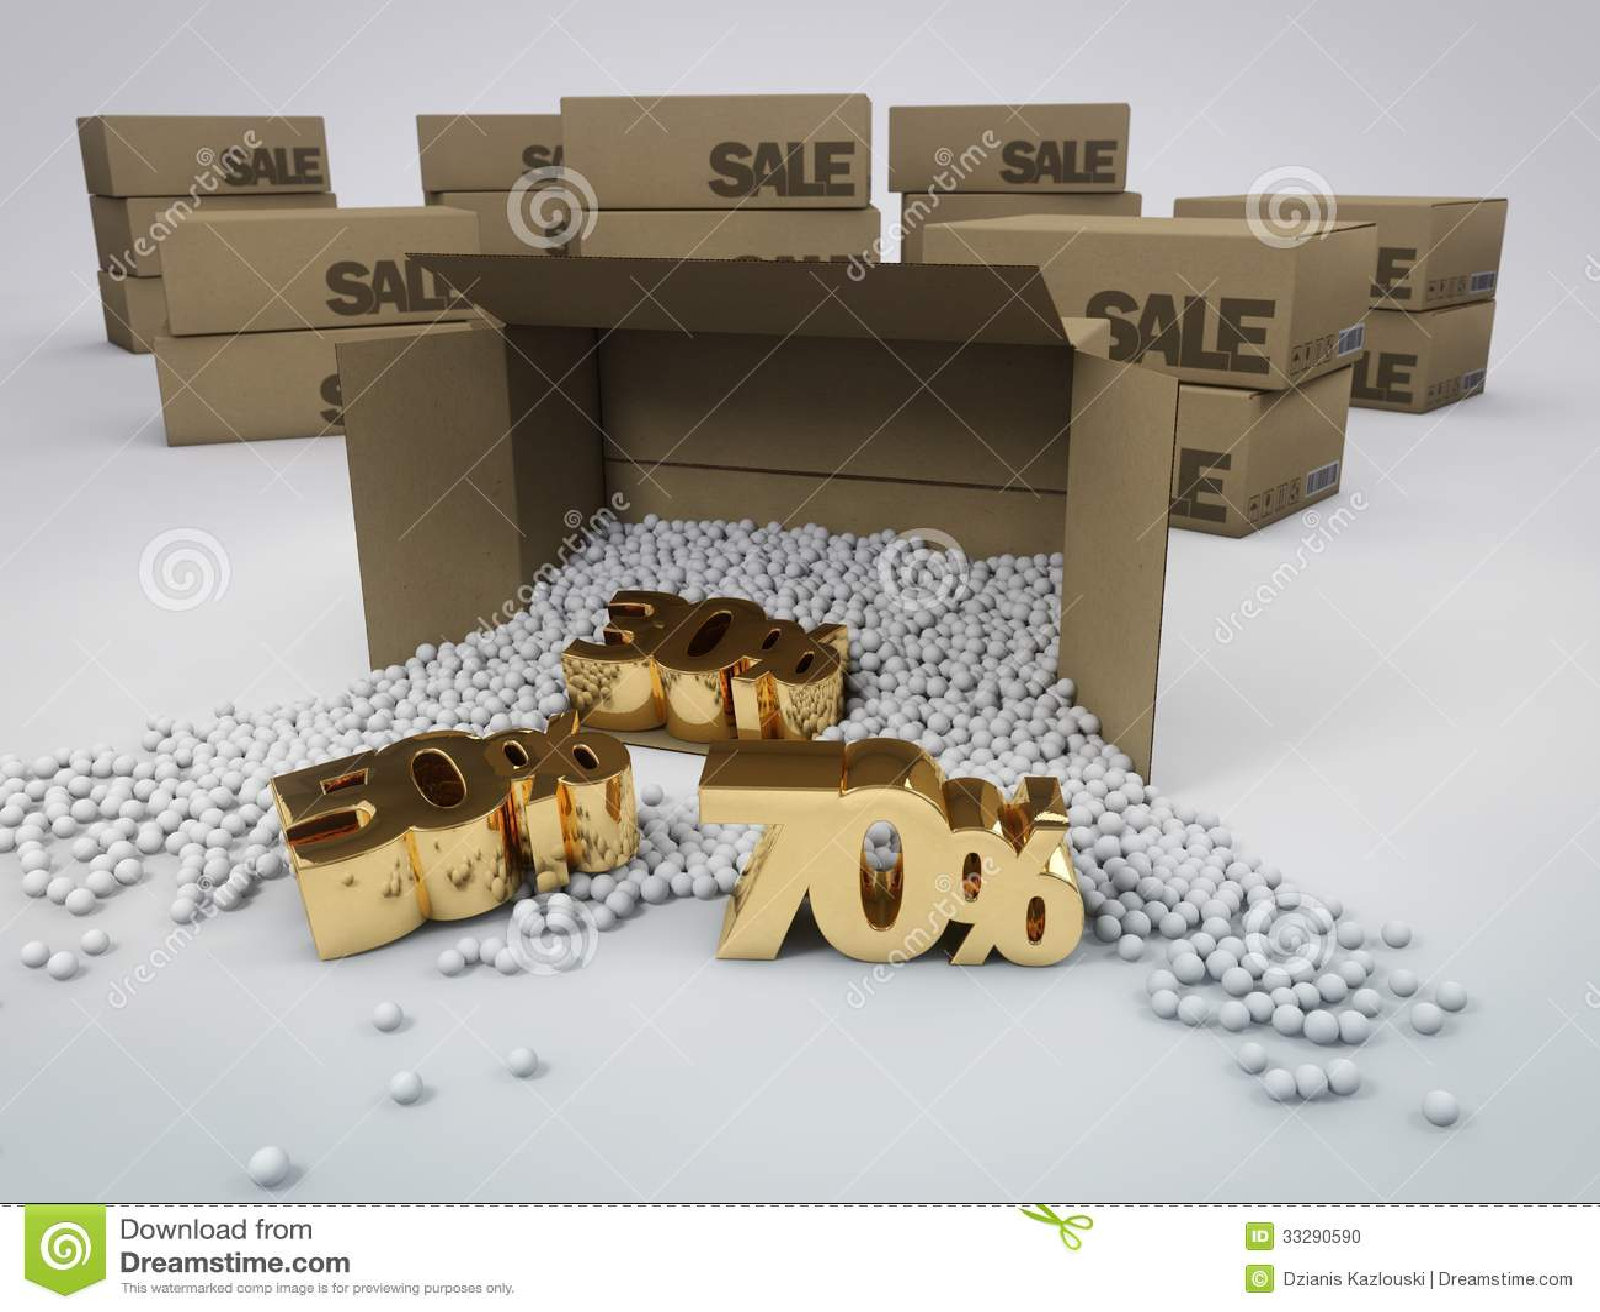 Discontos em umas caixas